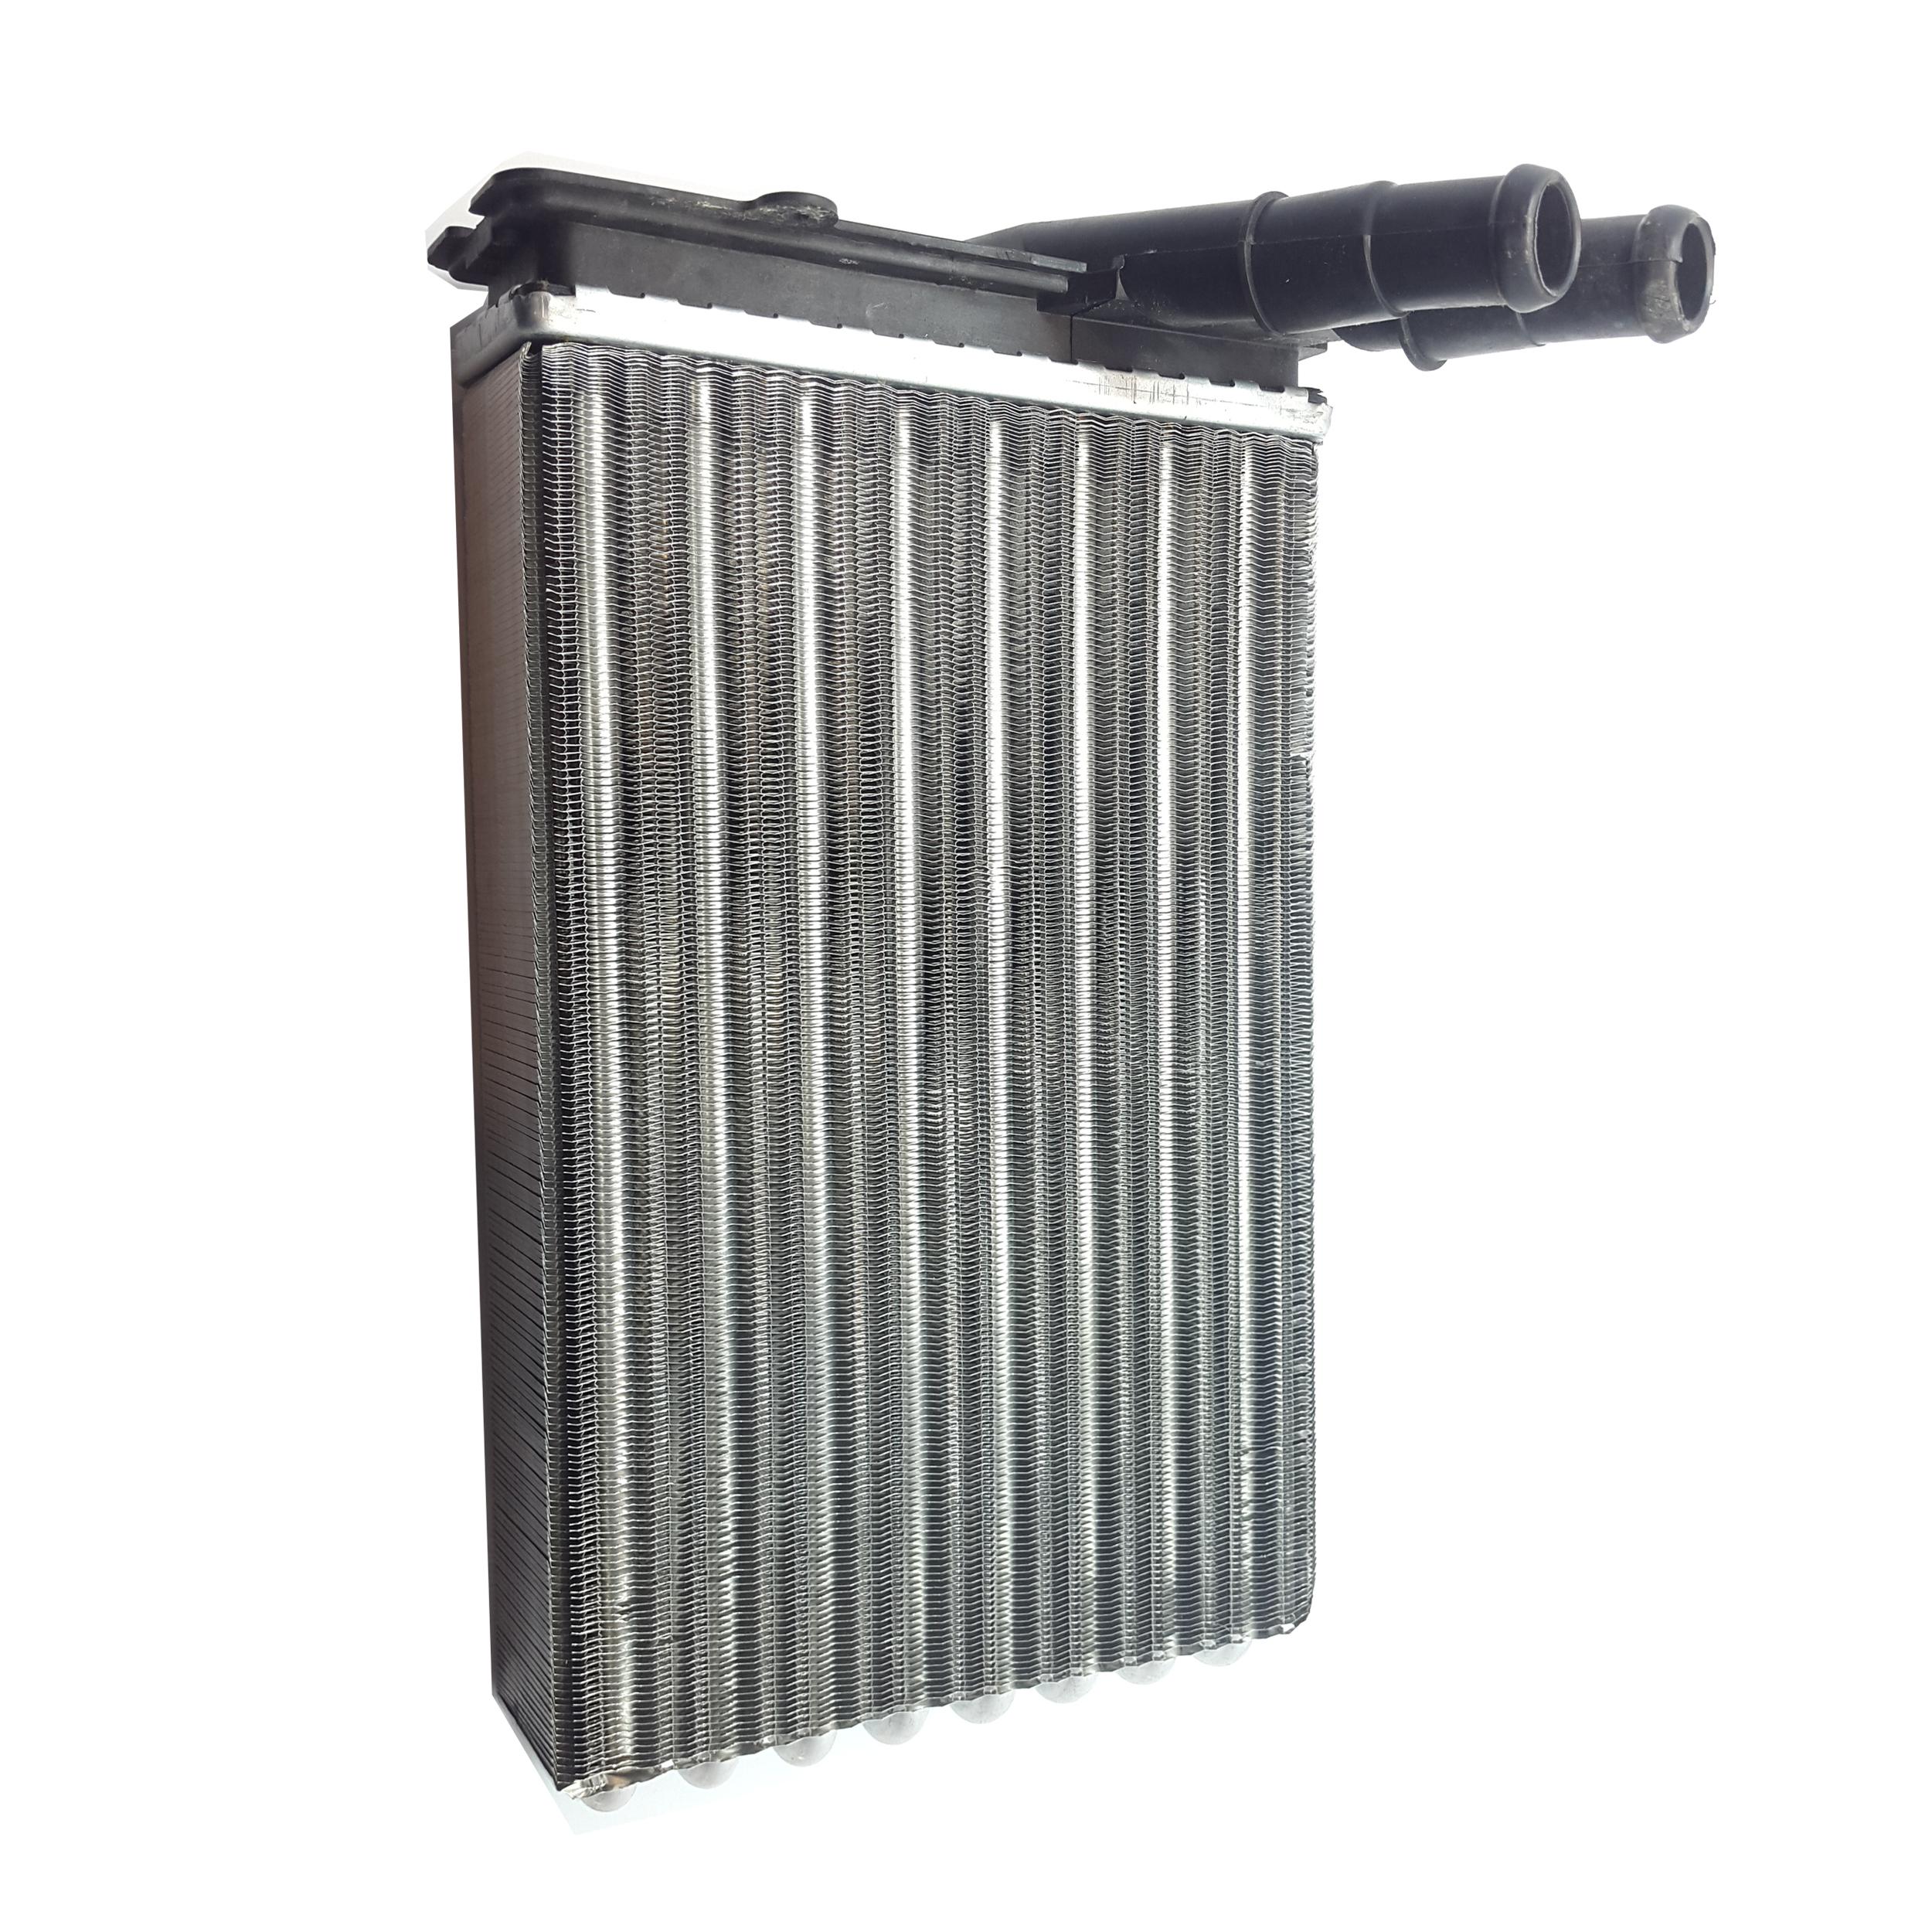 رادیاتور بخاری کد A11-8107023 مناسب برای ام وی ام 315